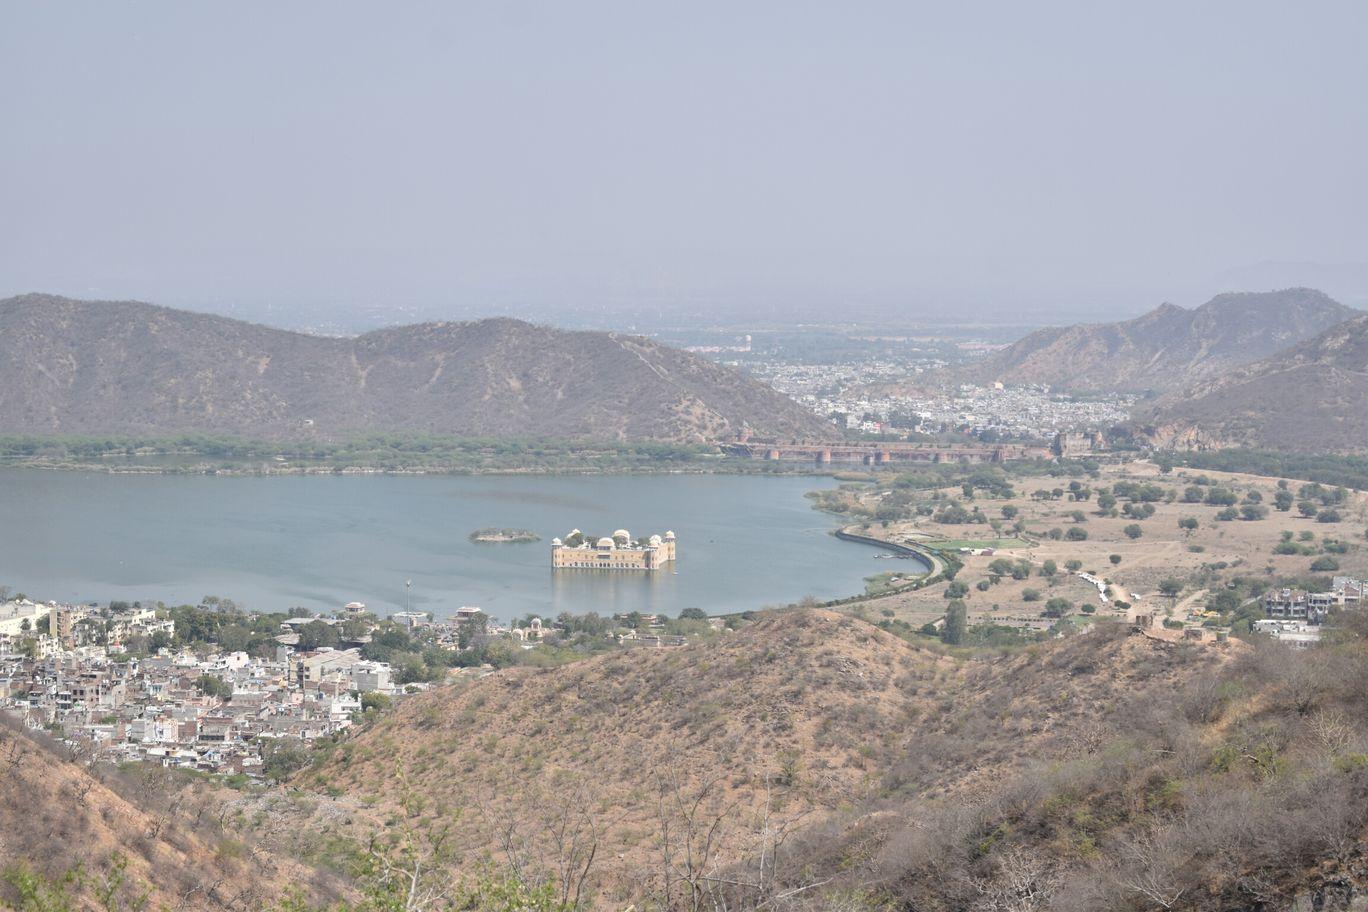 Photo of Man Sagar Lake By Vishnu Thavara